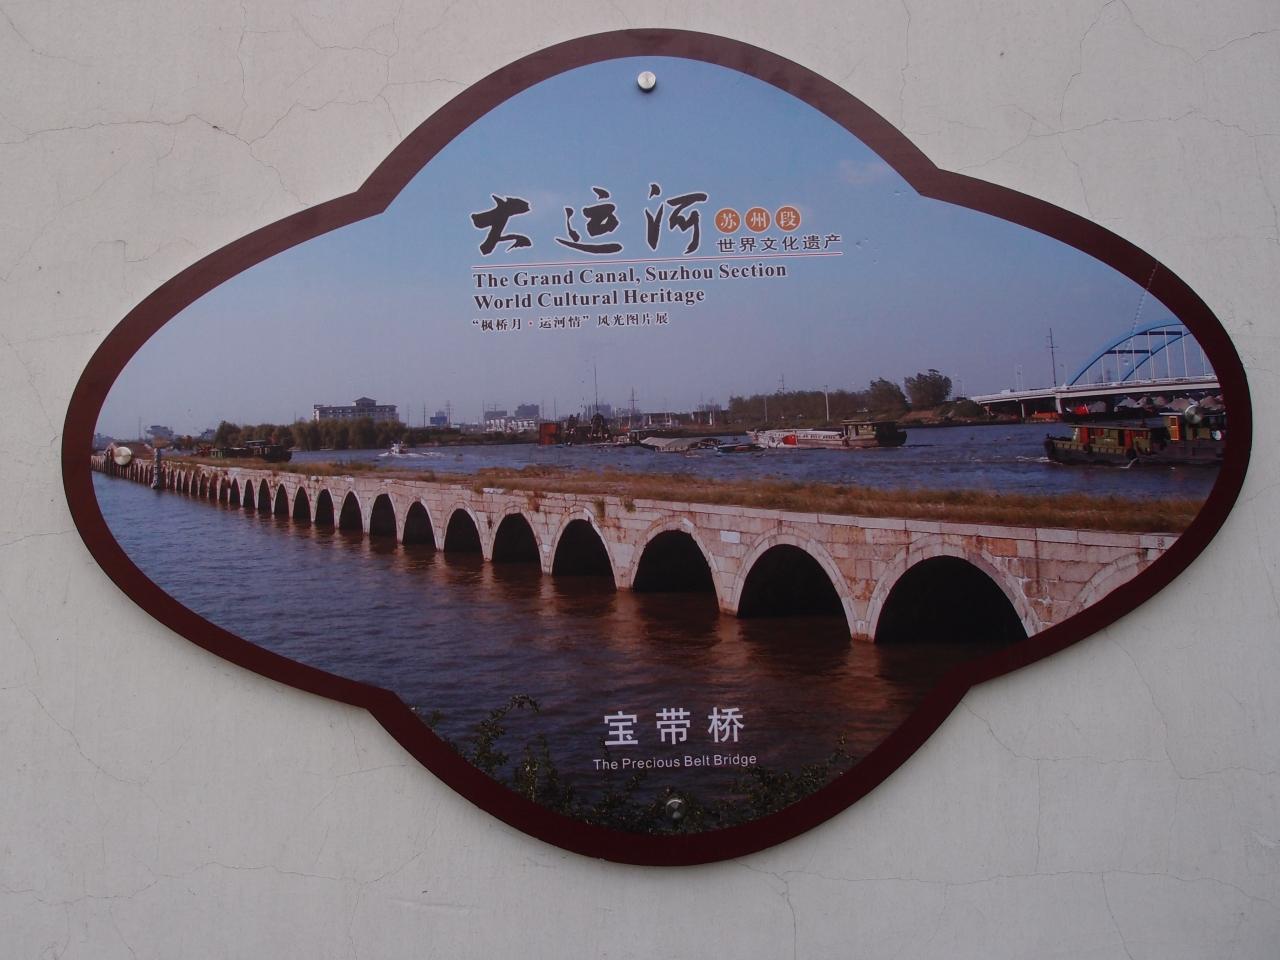 京杭大運河の画像 p1_13